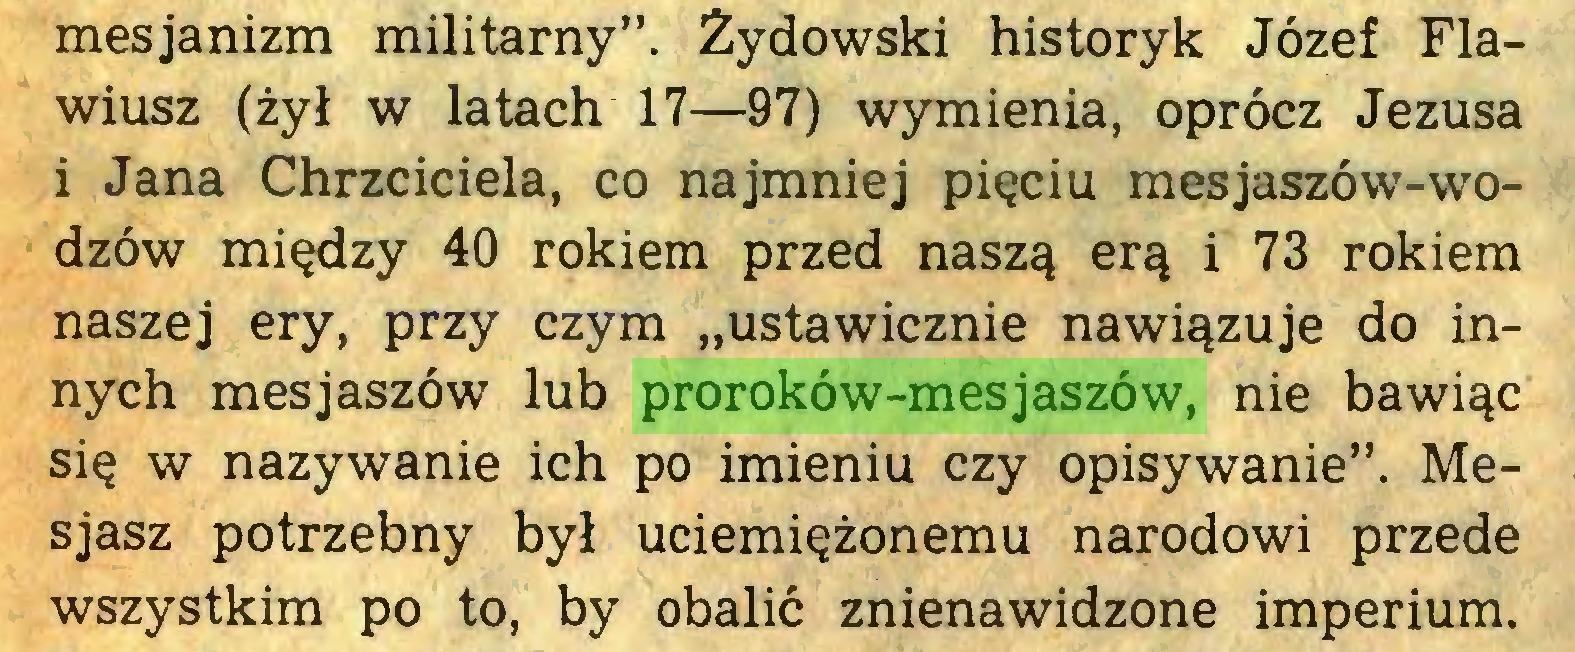 """(...) mesjanizm militarny"""". Żydowski historyk Józef Flawiusz (żył w latach 17—97) wymienia, oprócz Jezusa i Jana Chrzciciela, co najmniej pięciu mesjaszów-wodzów między 40 rokiem przed naszą erą i 73 rokiem naszej ery, przy czym """"ustawicznie nawiązuje do innych mesjaszów lub proroków-mesjaszów, nie bawiąc się w nazywanie ich po imieniu czy opisywanie"""". Mesjasz potrzebny był uciemiężonemu narodowi przede wszystkim po to, by obalić znienawidzone imperium..."""